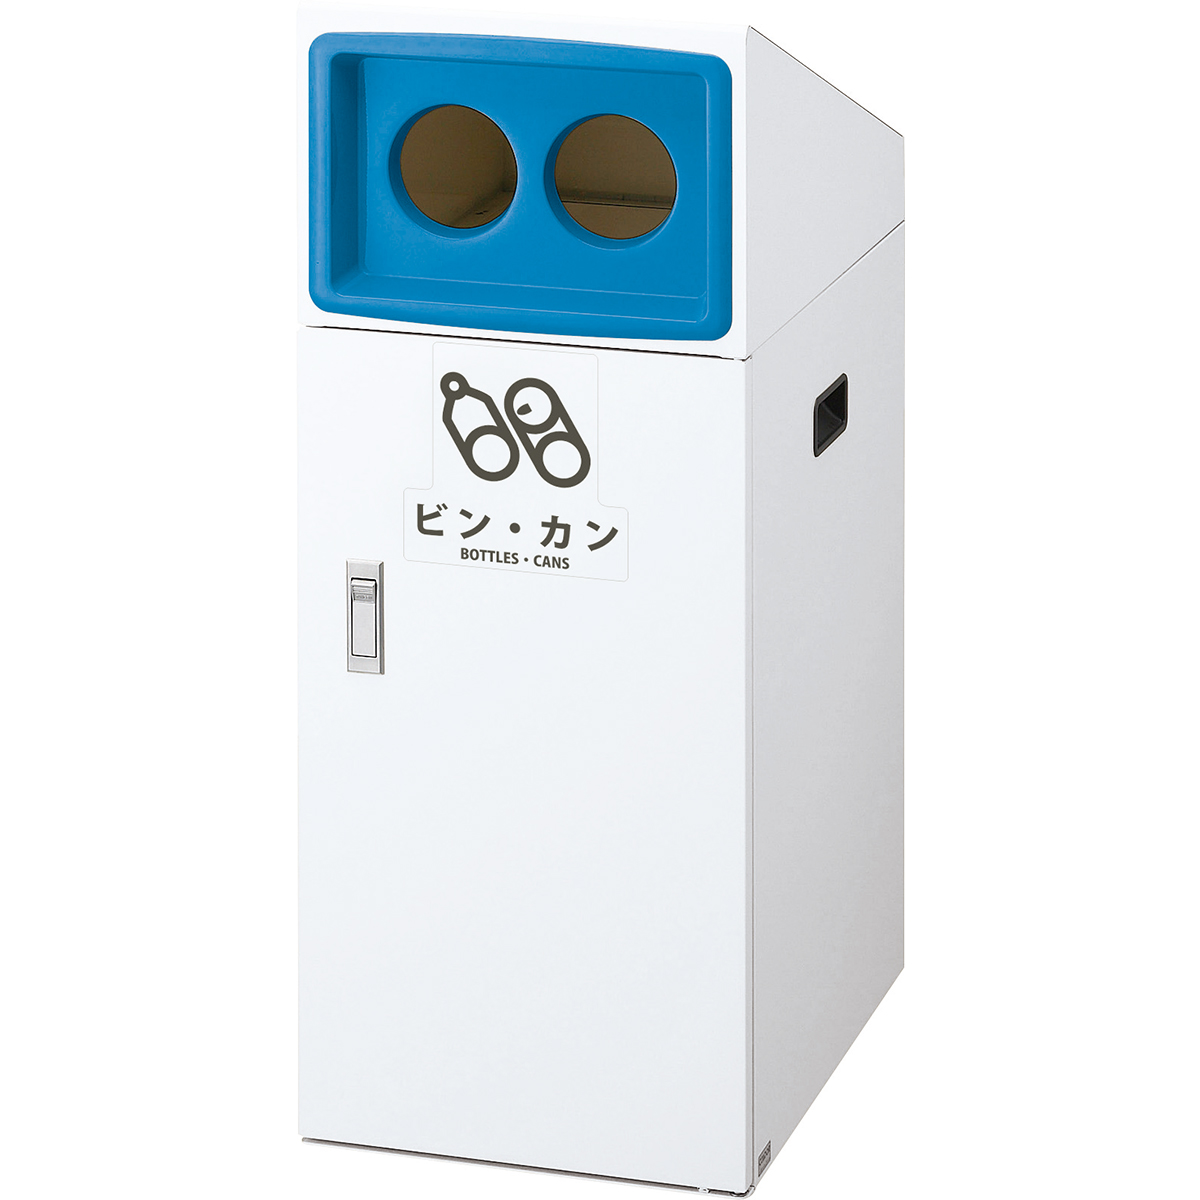 山崎産業 リサイクルボックス TO-50 50L ビン・カン/BL(青) (代引不可) YW-388L-ID